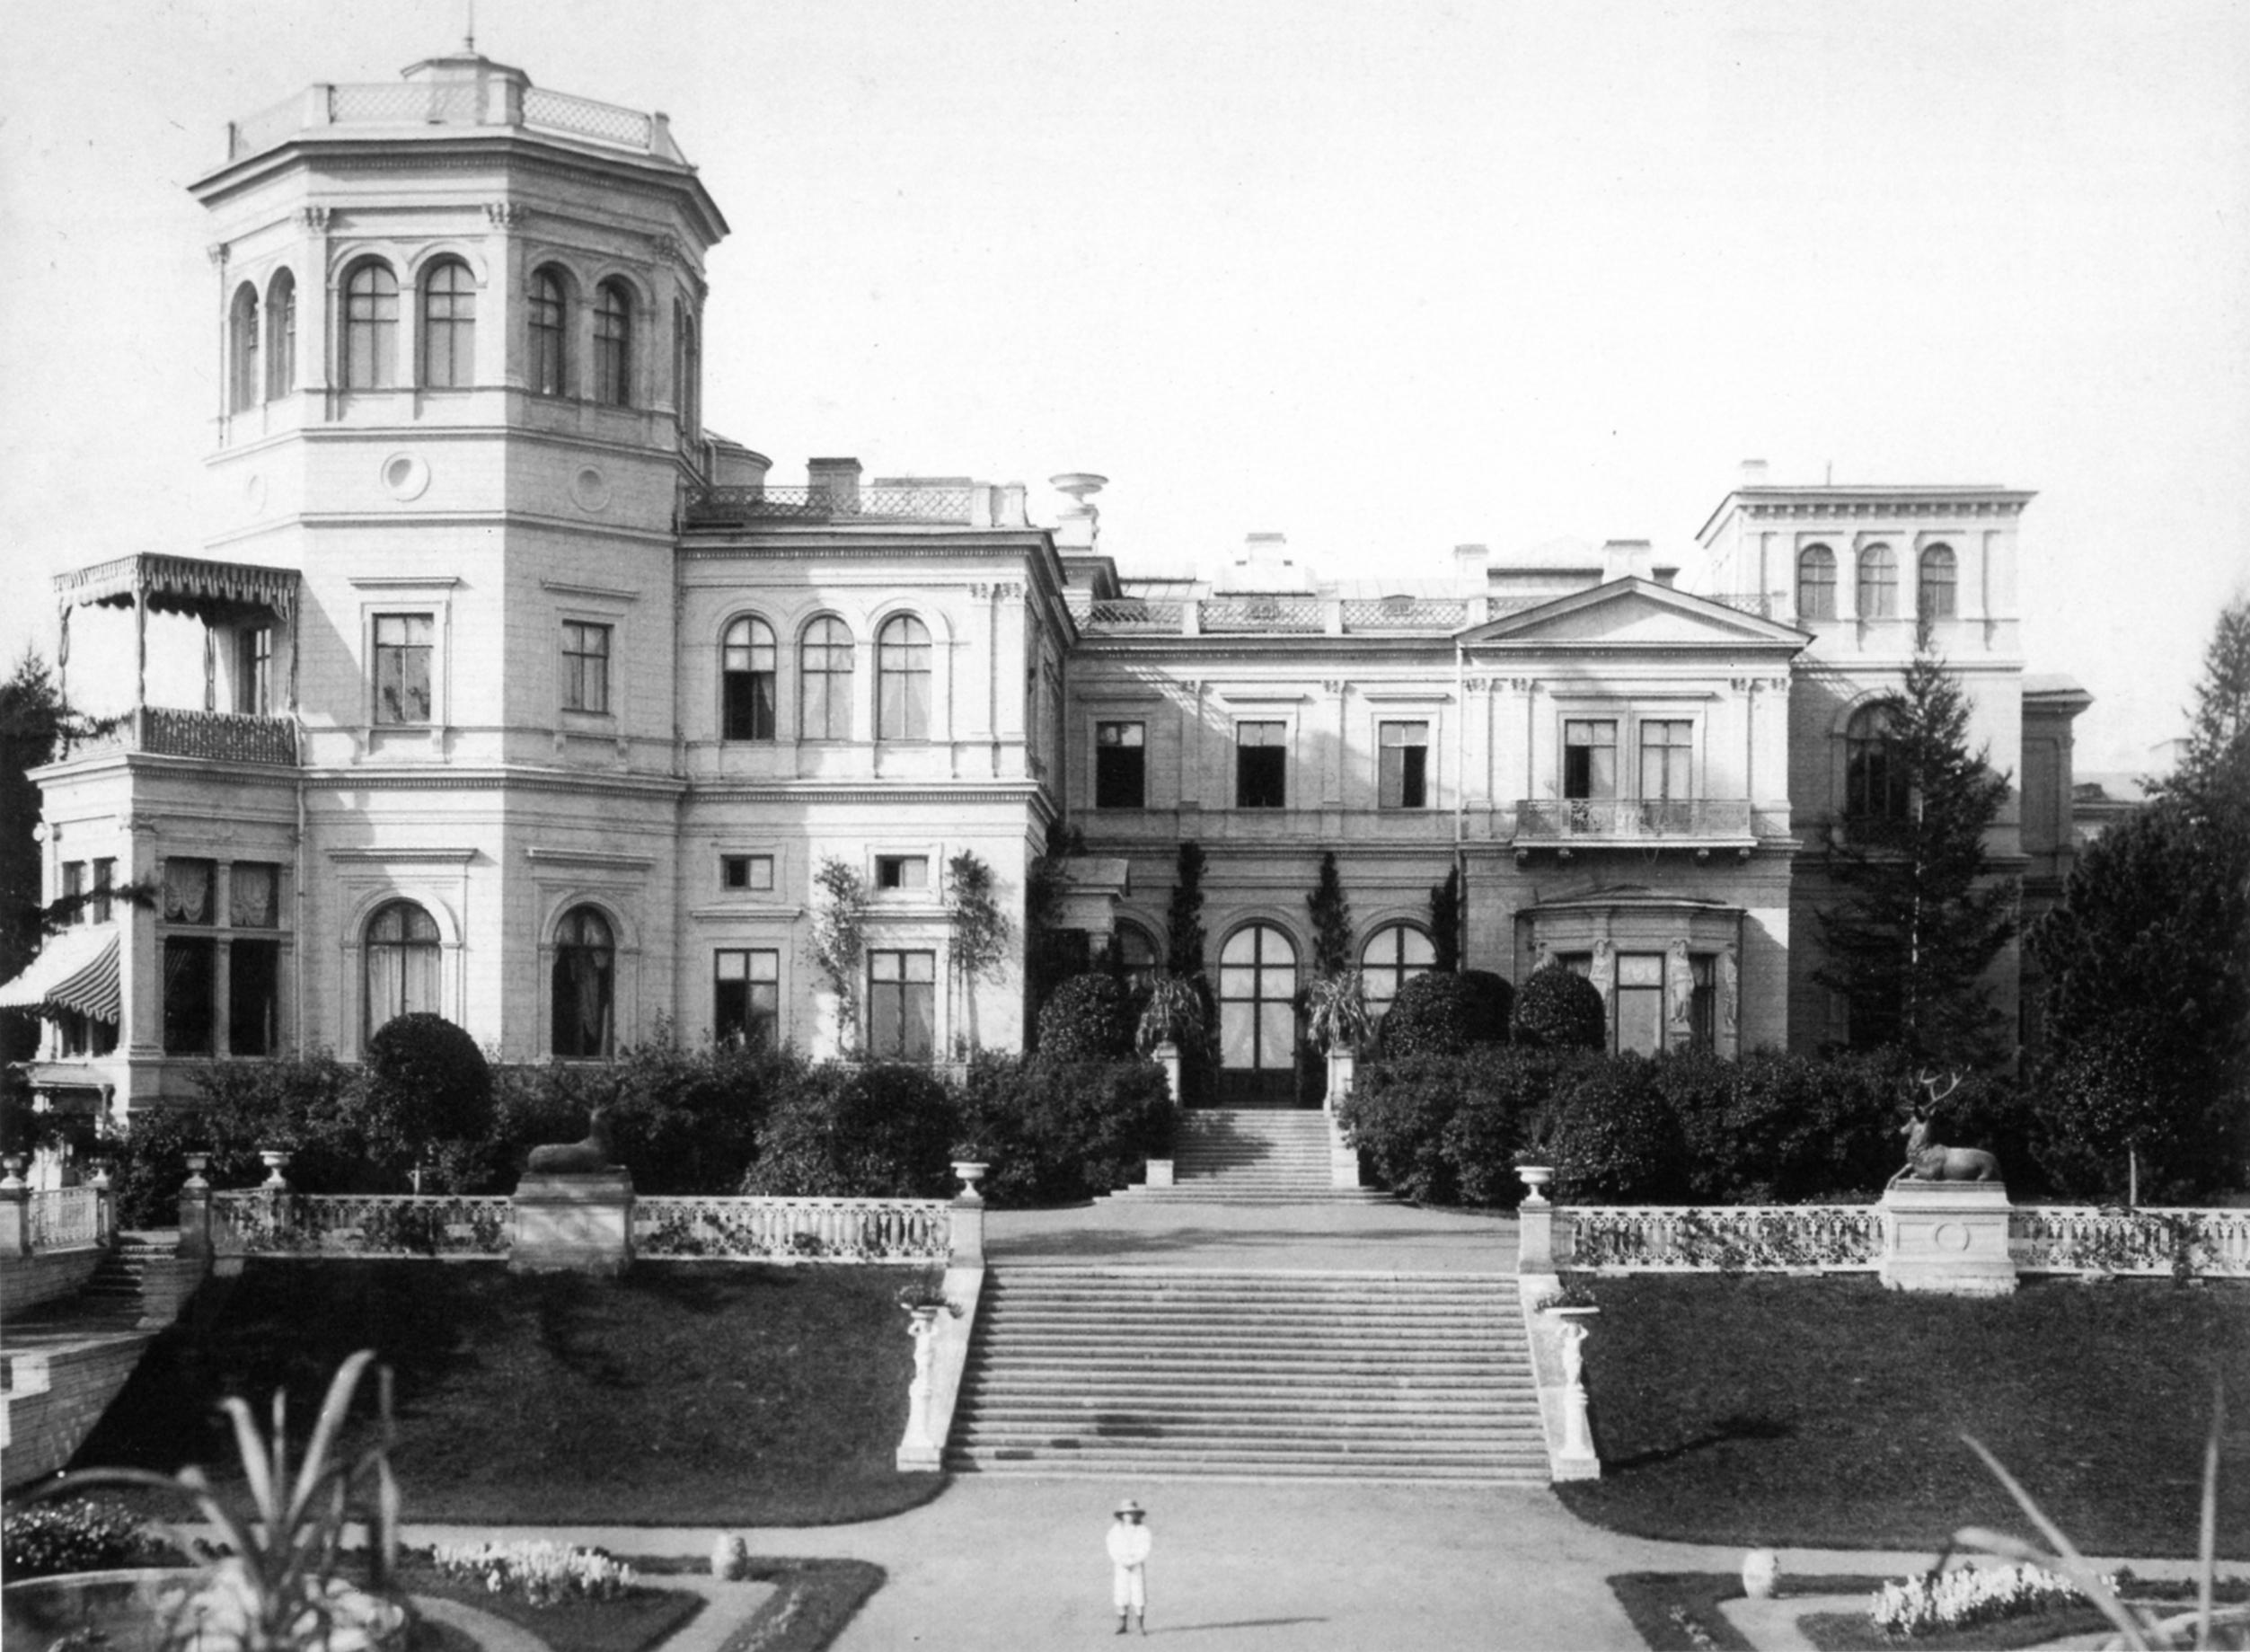 Северо-восточный фасад дворца и терраса. 1882